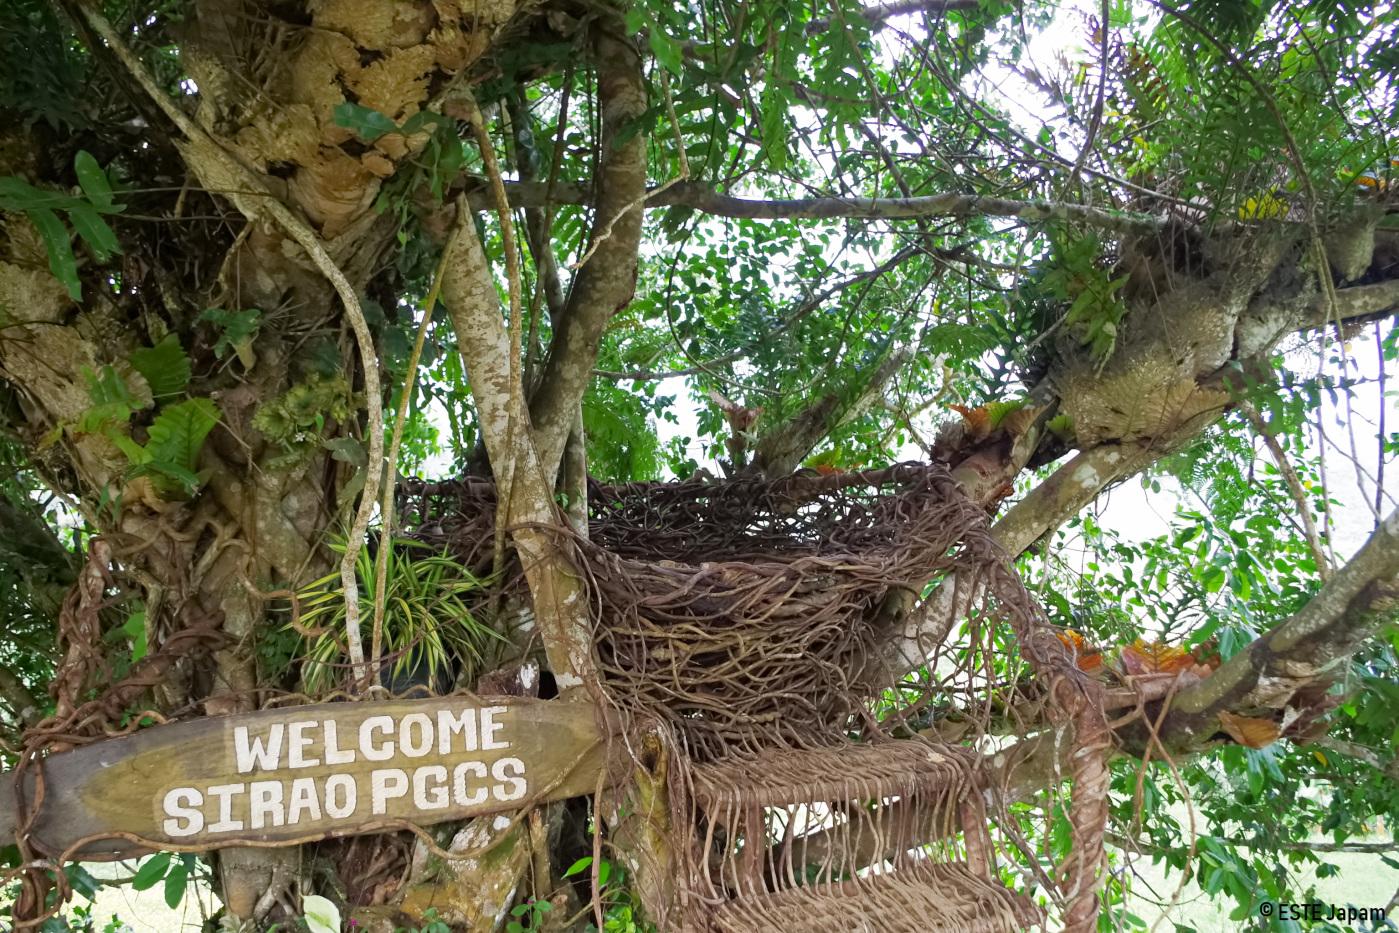 シラオPGCSの鳥の巣のモニュメント